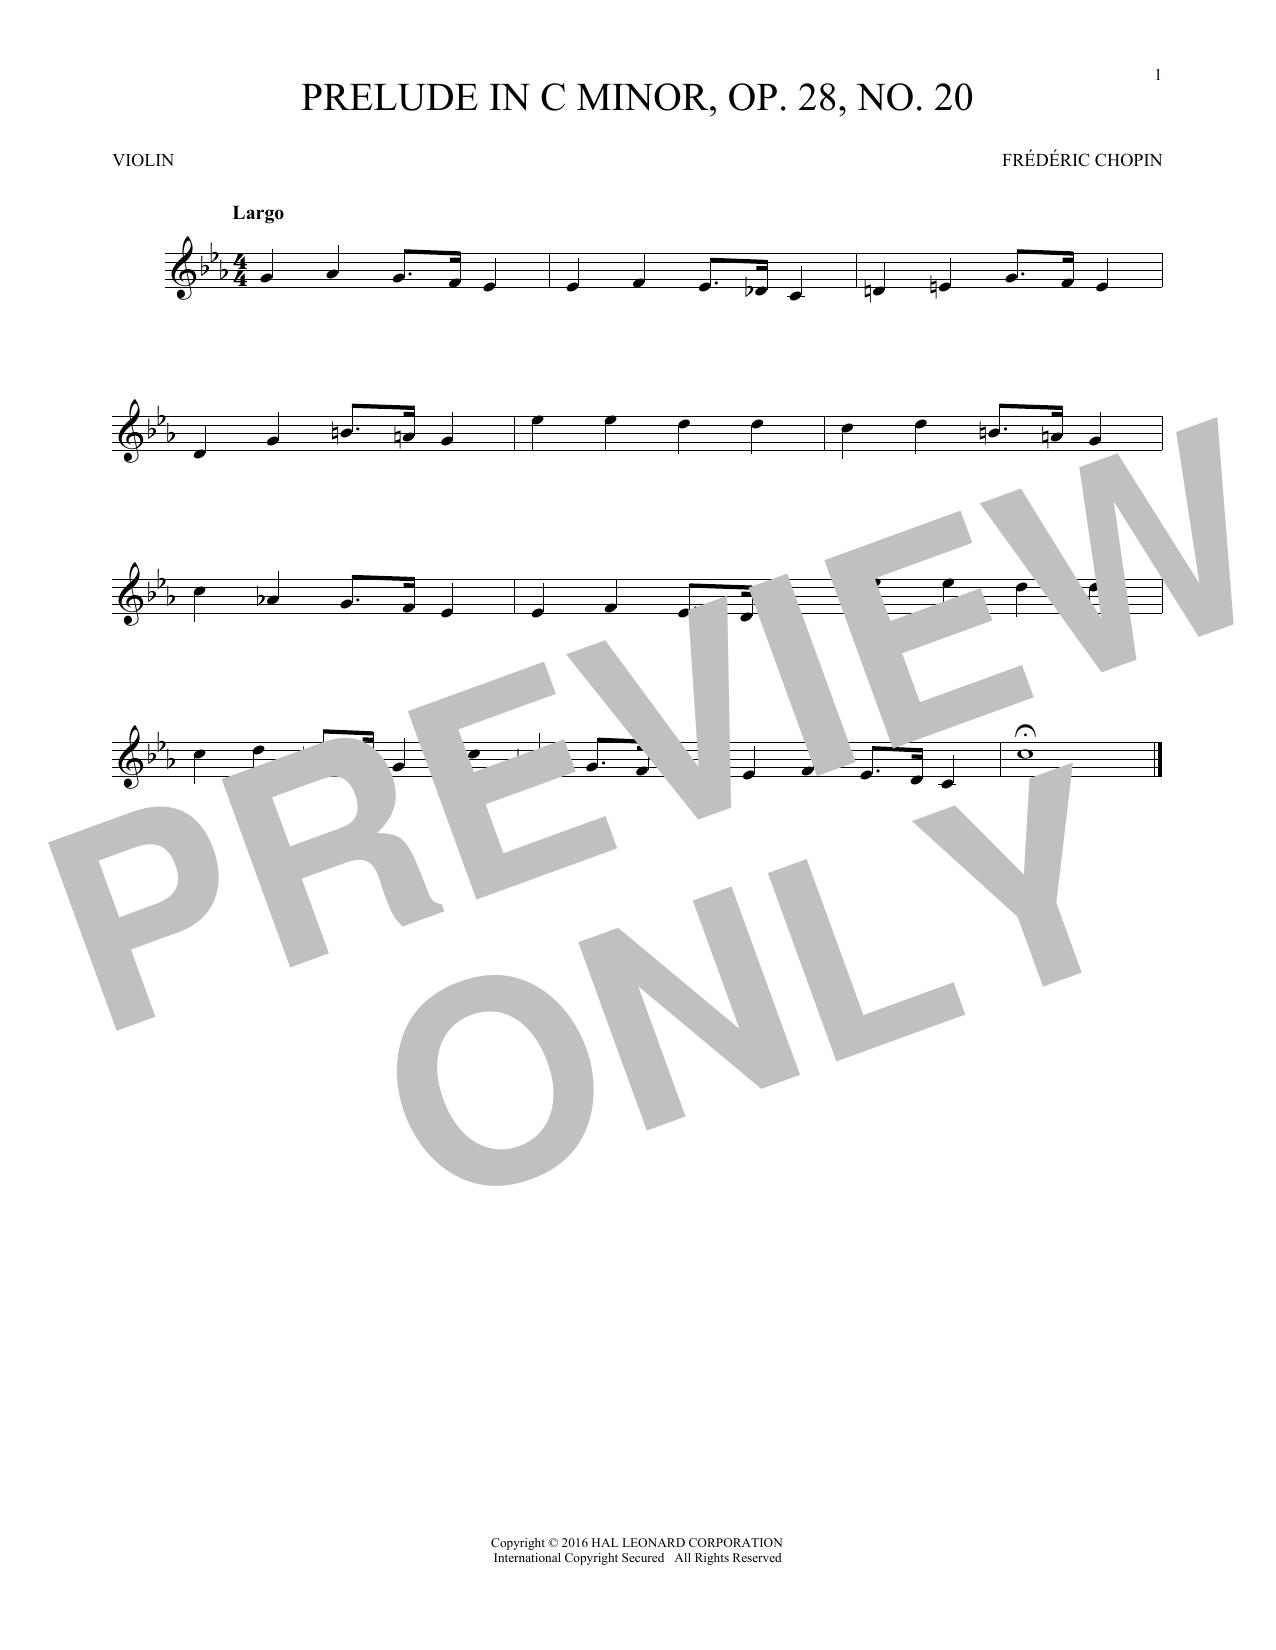 Prelude, Op. 28, No. 20 (Violin Solo)